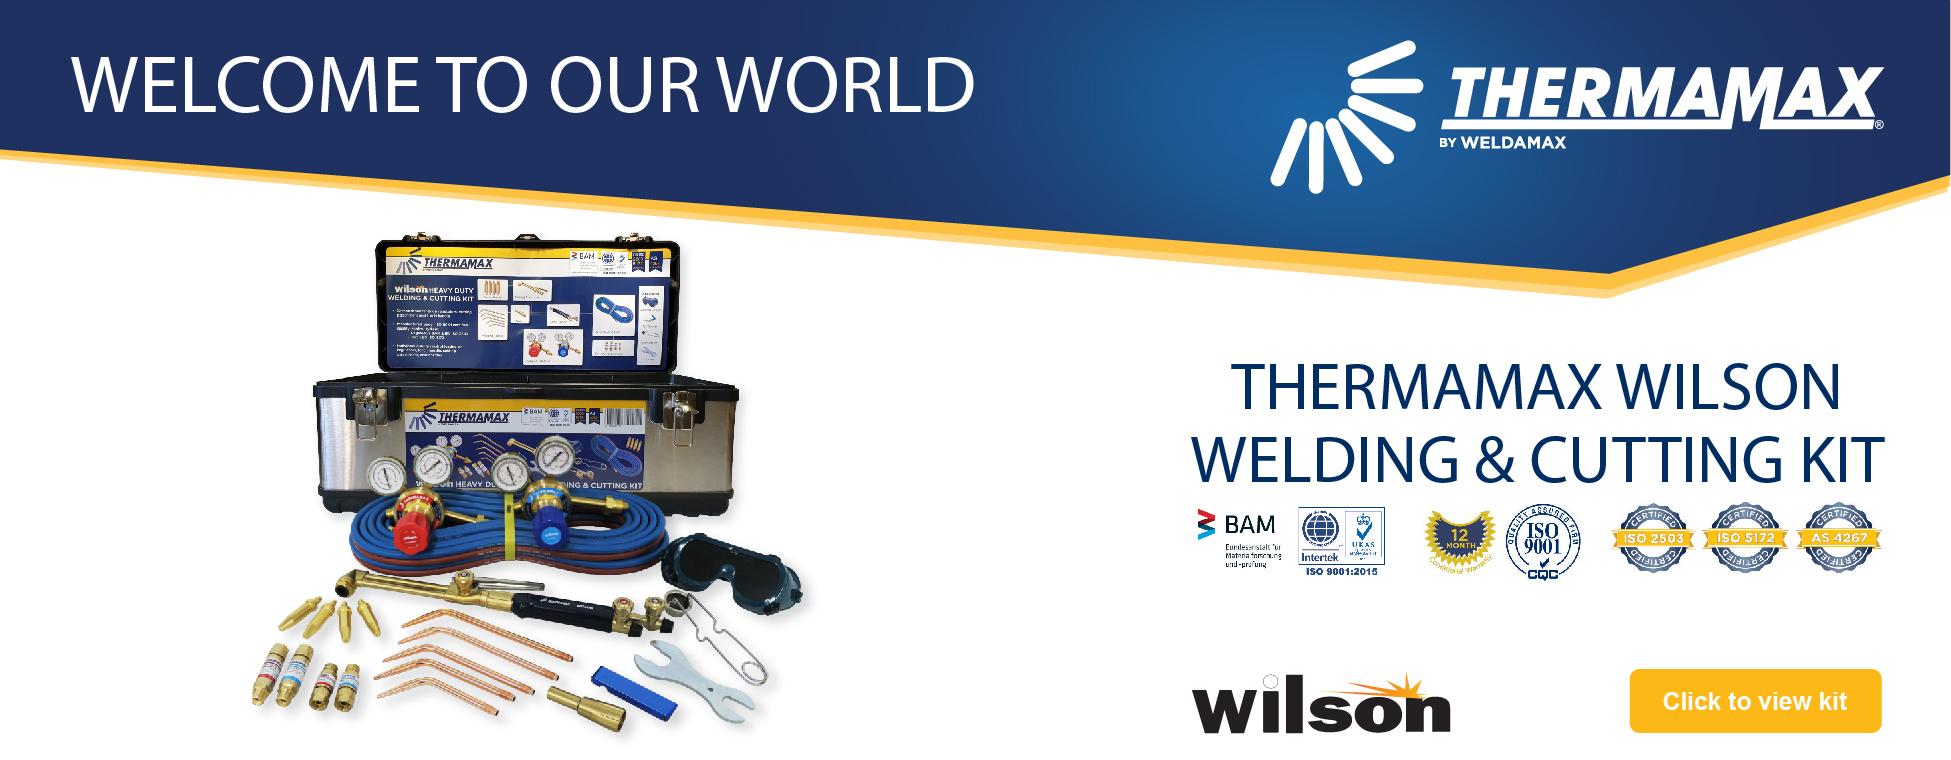 Thermamax Wilson kit_Homepage-1